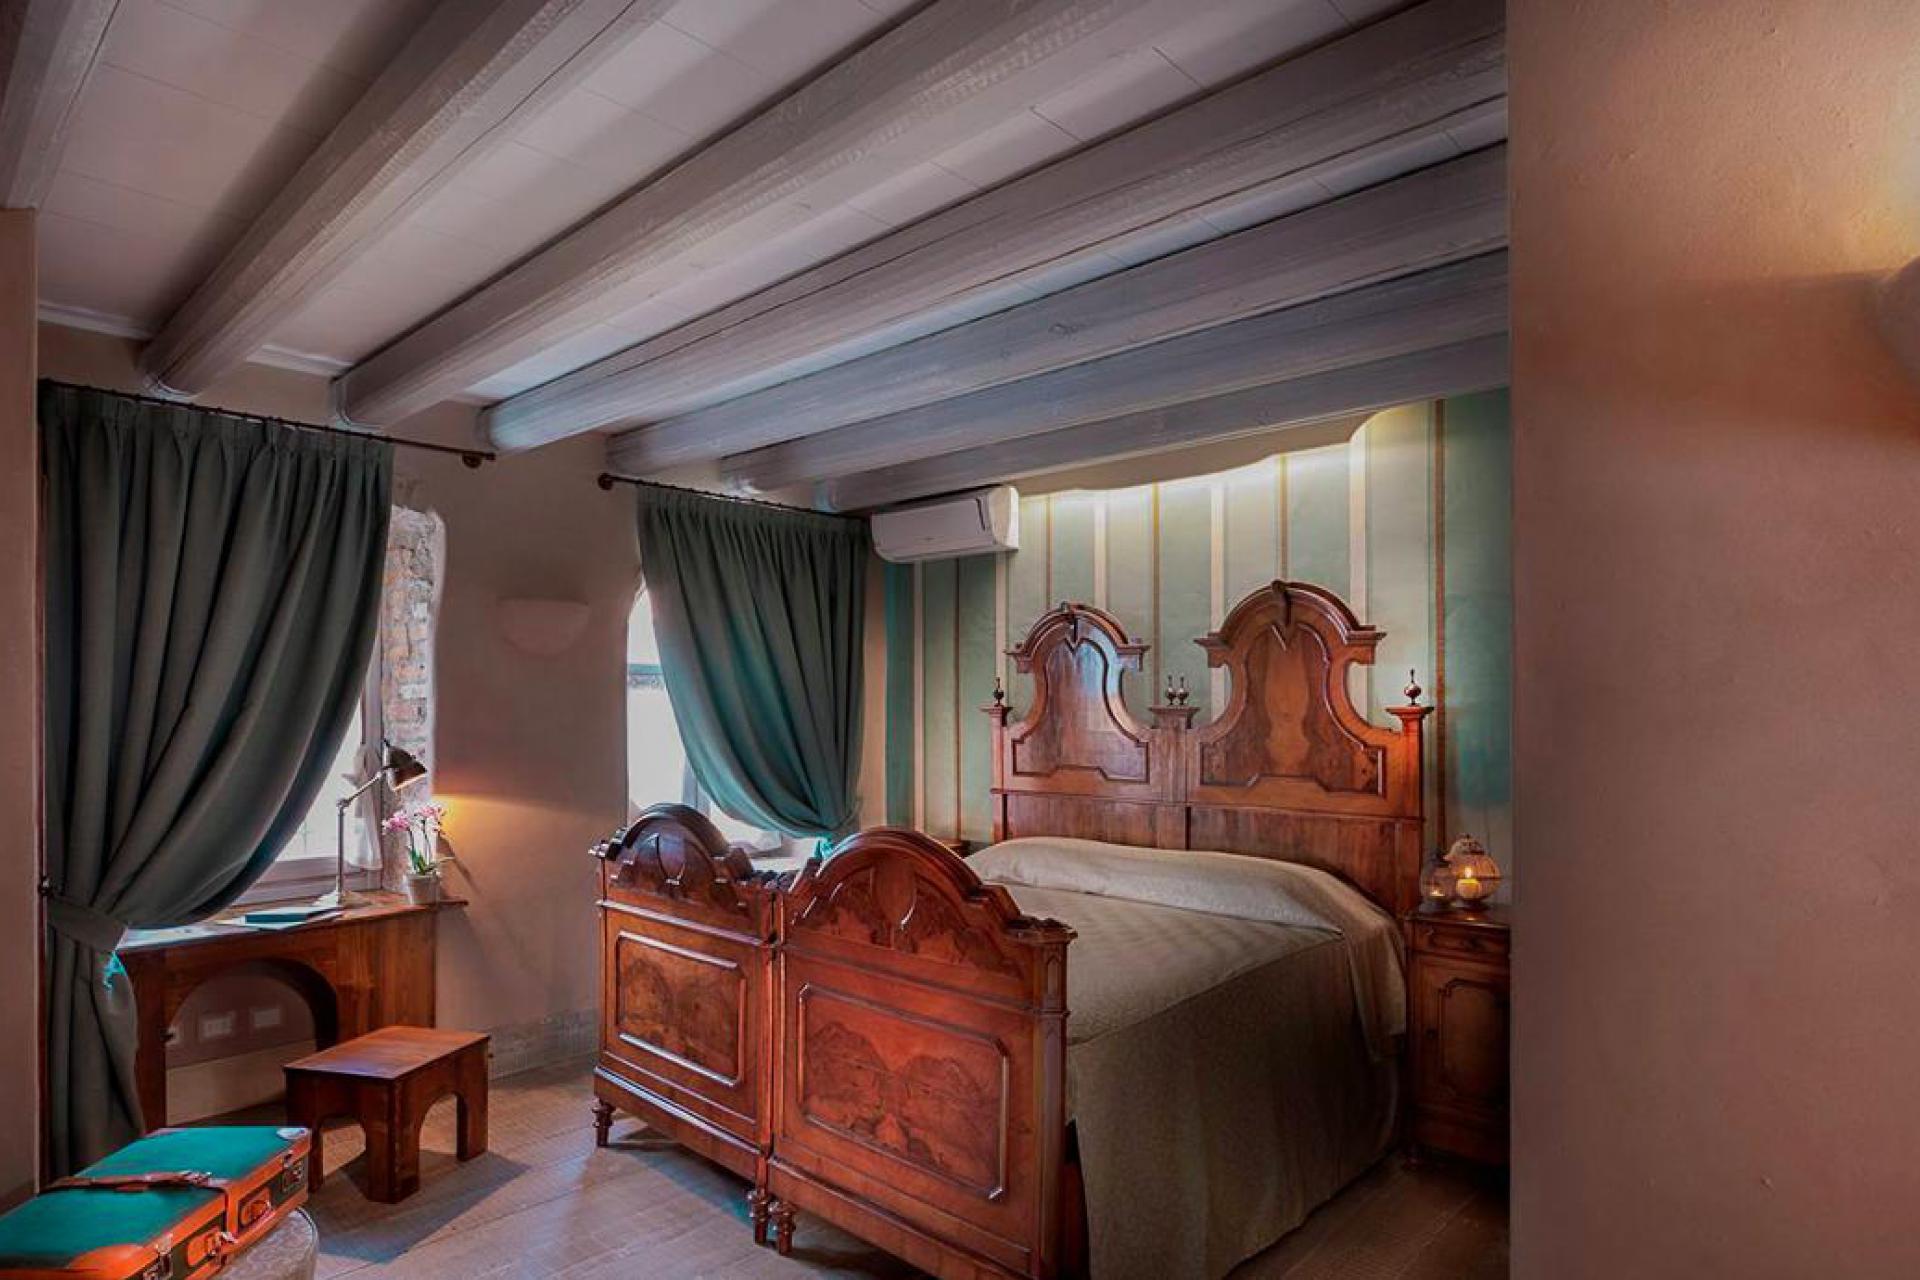 Agriturismo Comer See und Gardasee Landhotel am Gardasee - luxuriöse Oase der Ruhe | myitalyselection.de